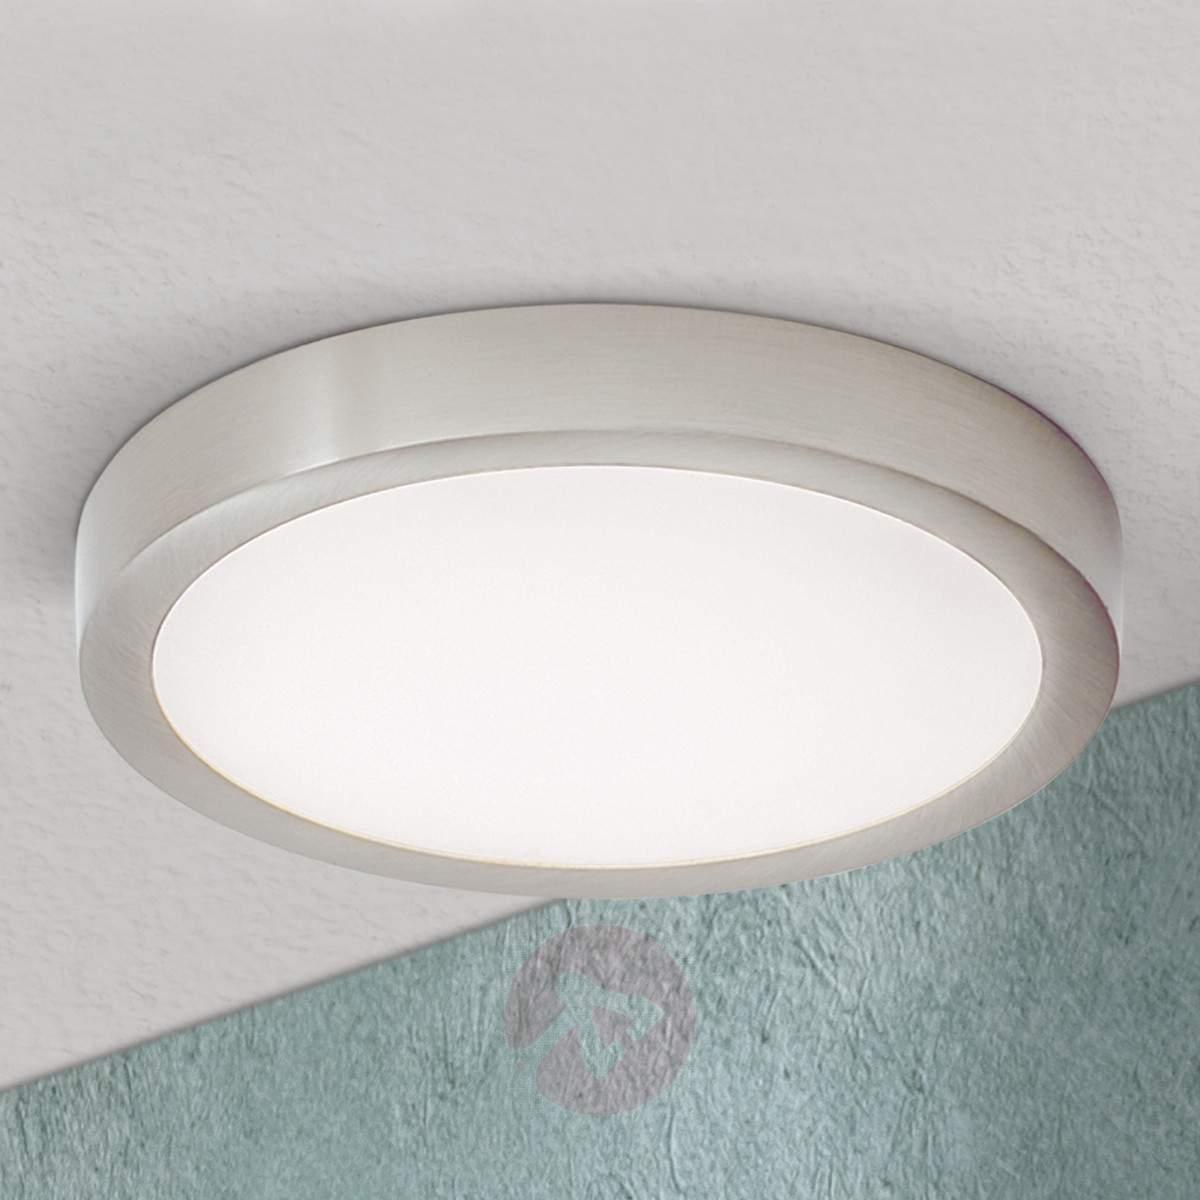 top 10 flat led ceiling lights 2019 warisan lighting. Black Bedroom Furniture Sets. Home Design Ideas